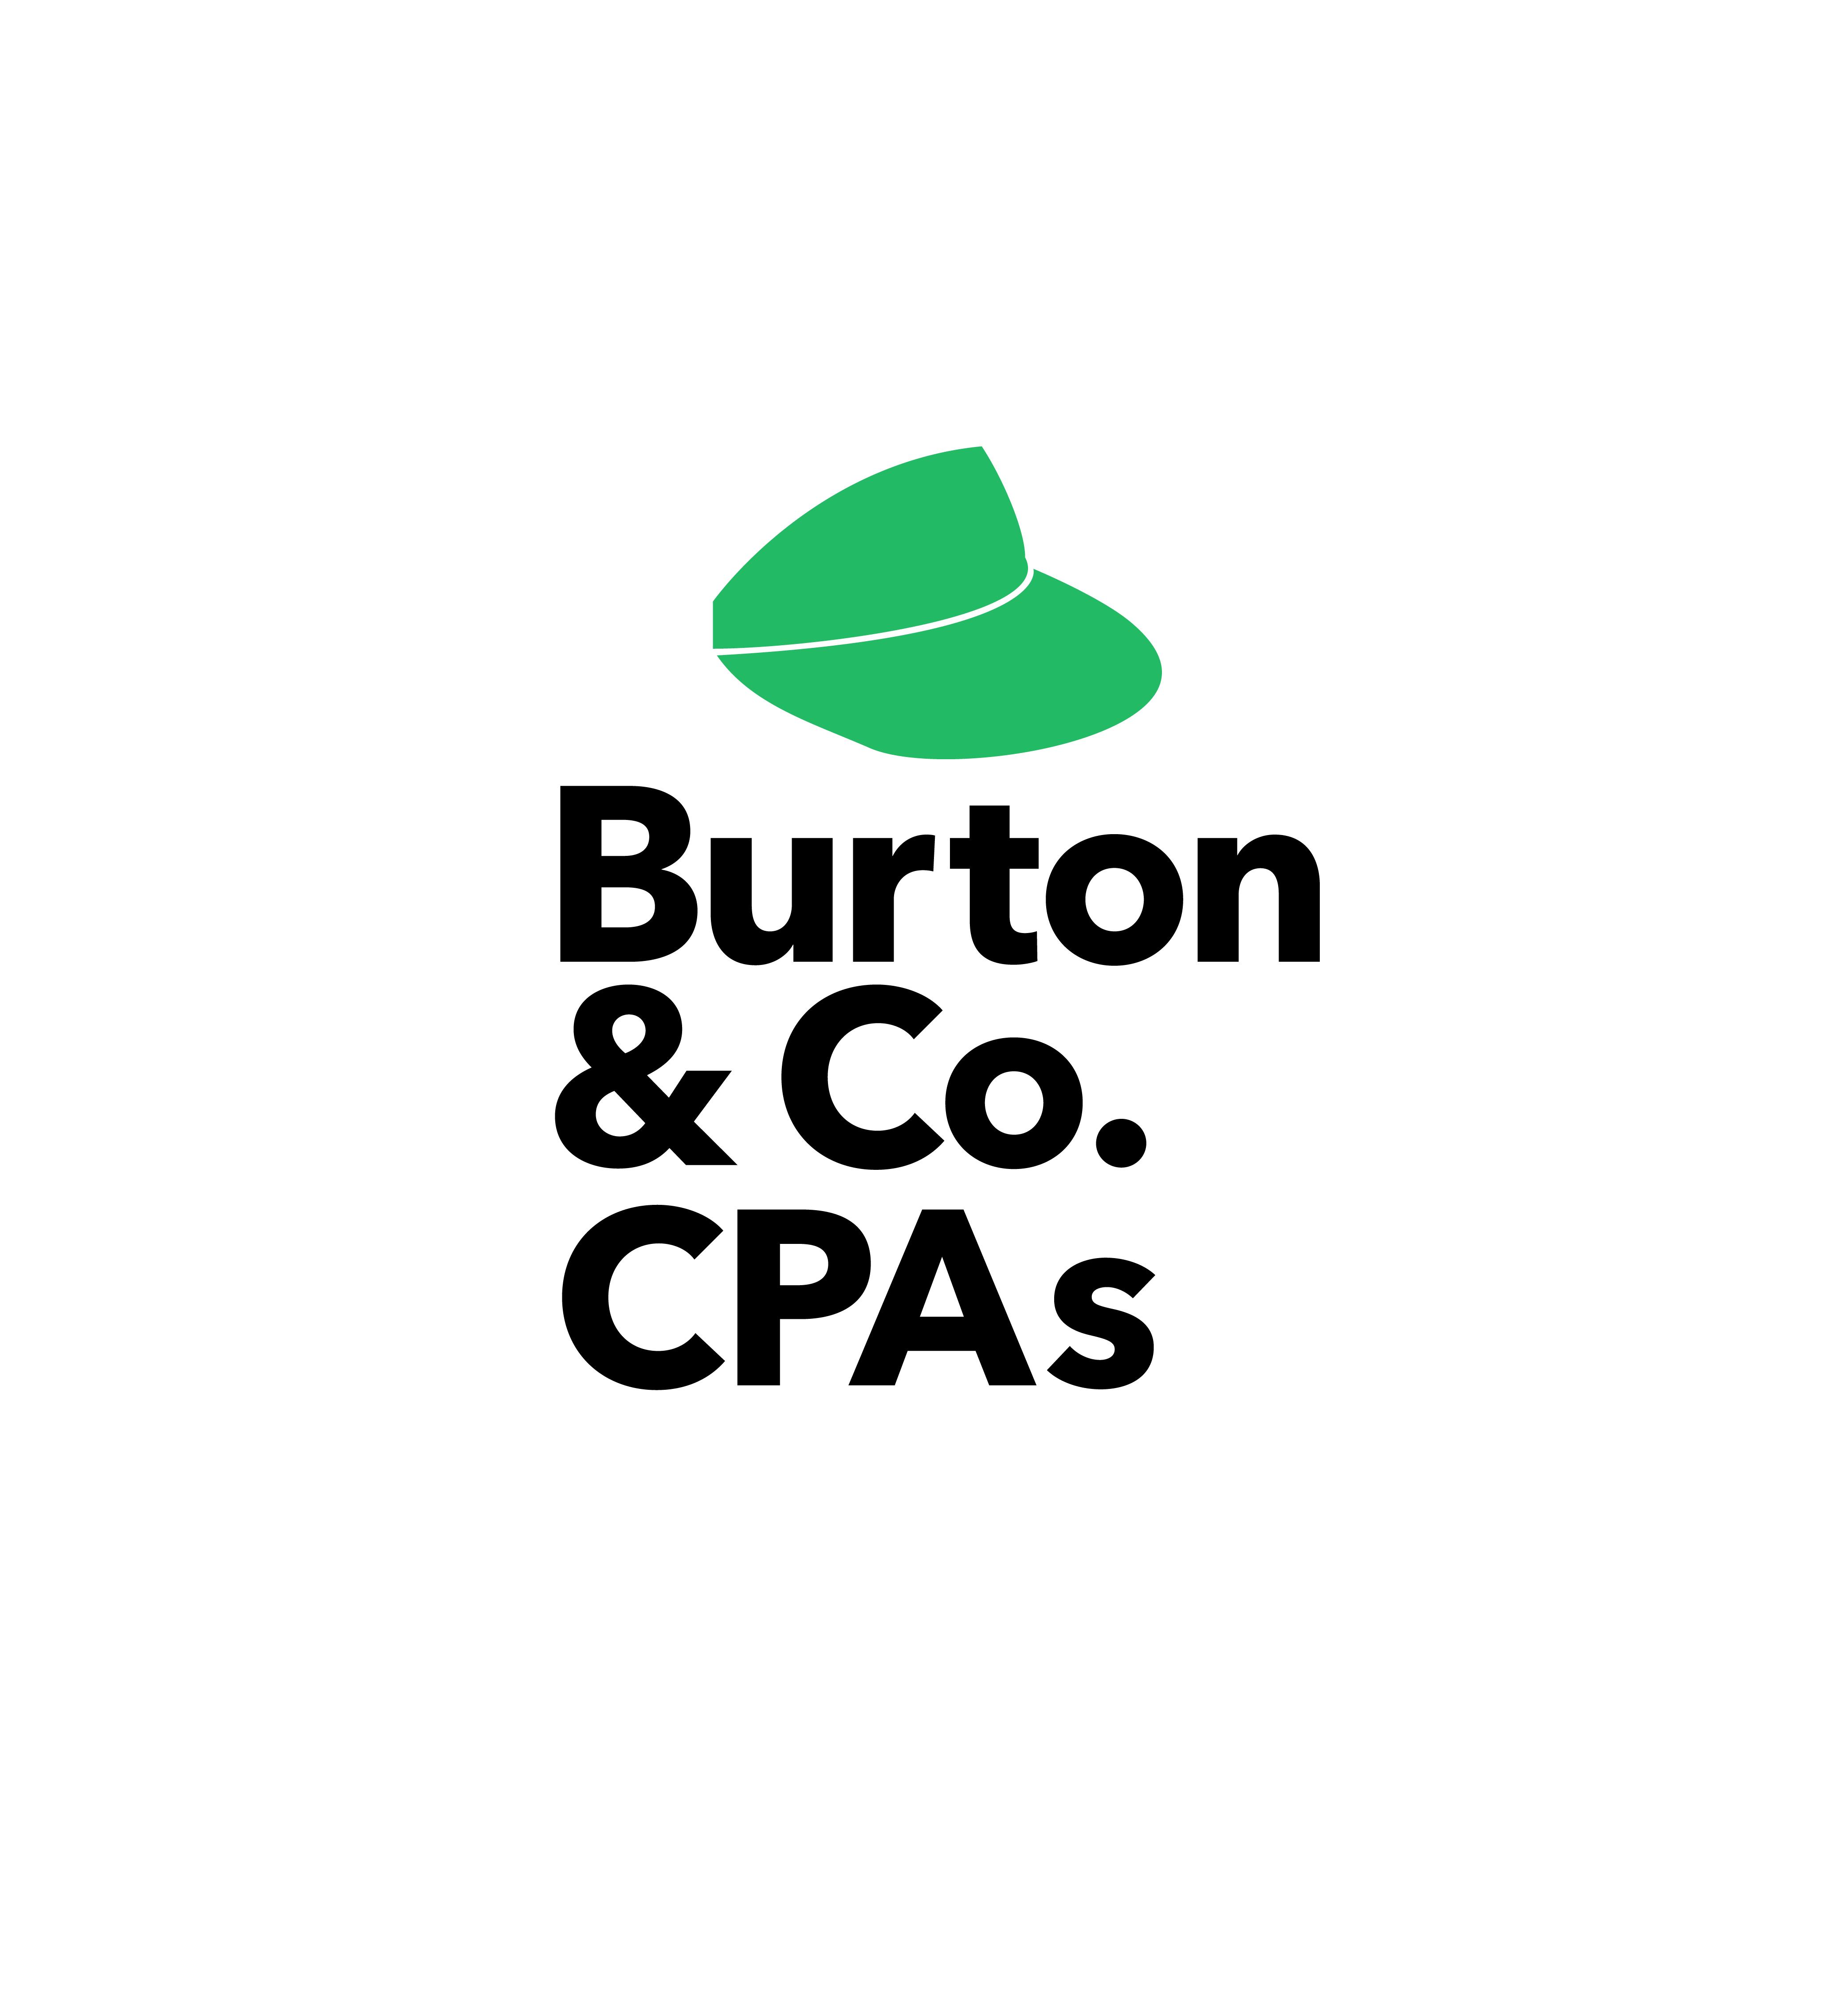 Burton & Co., CPAs Logo